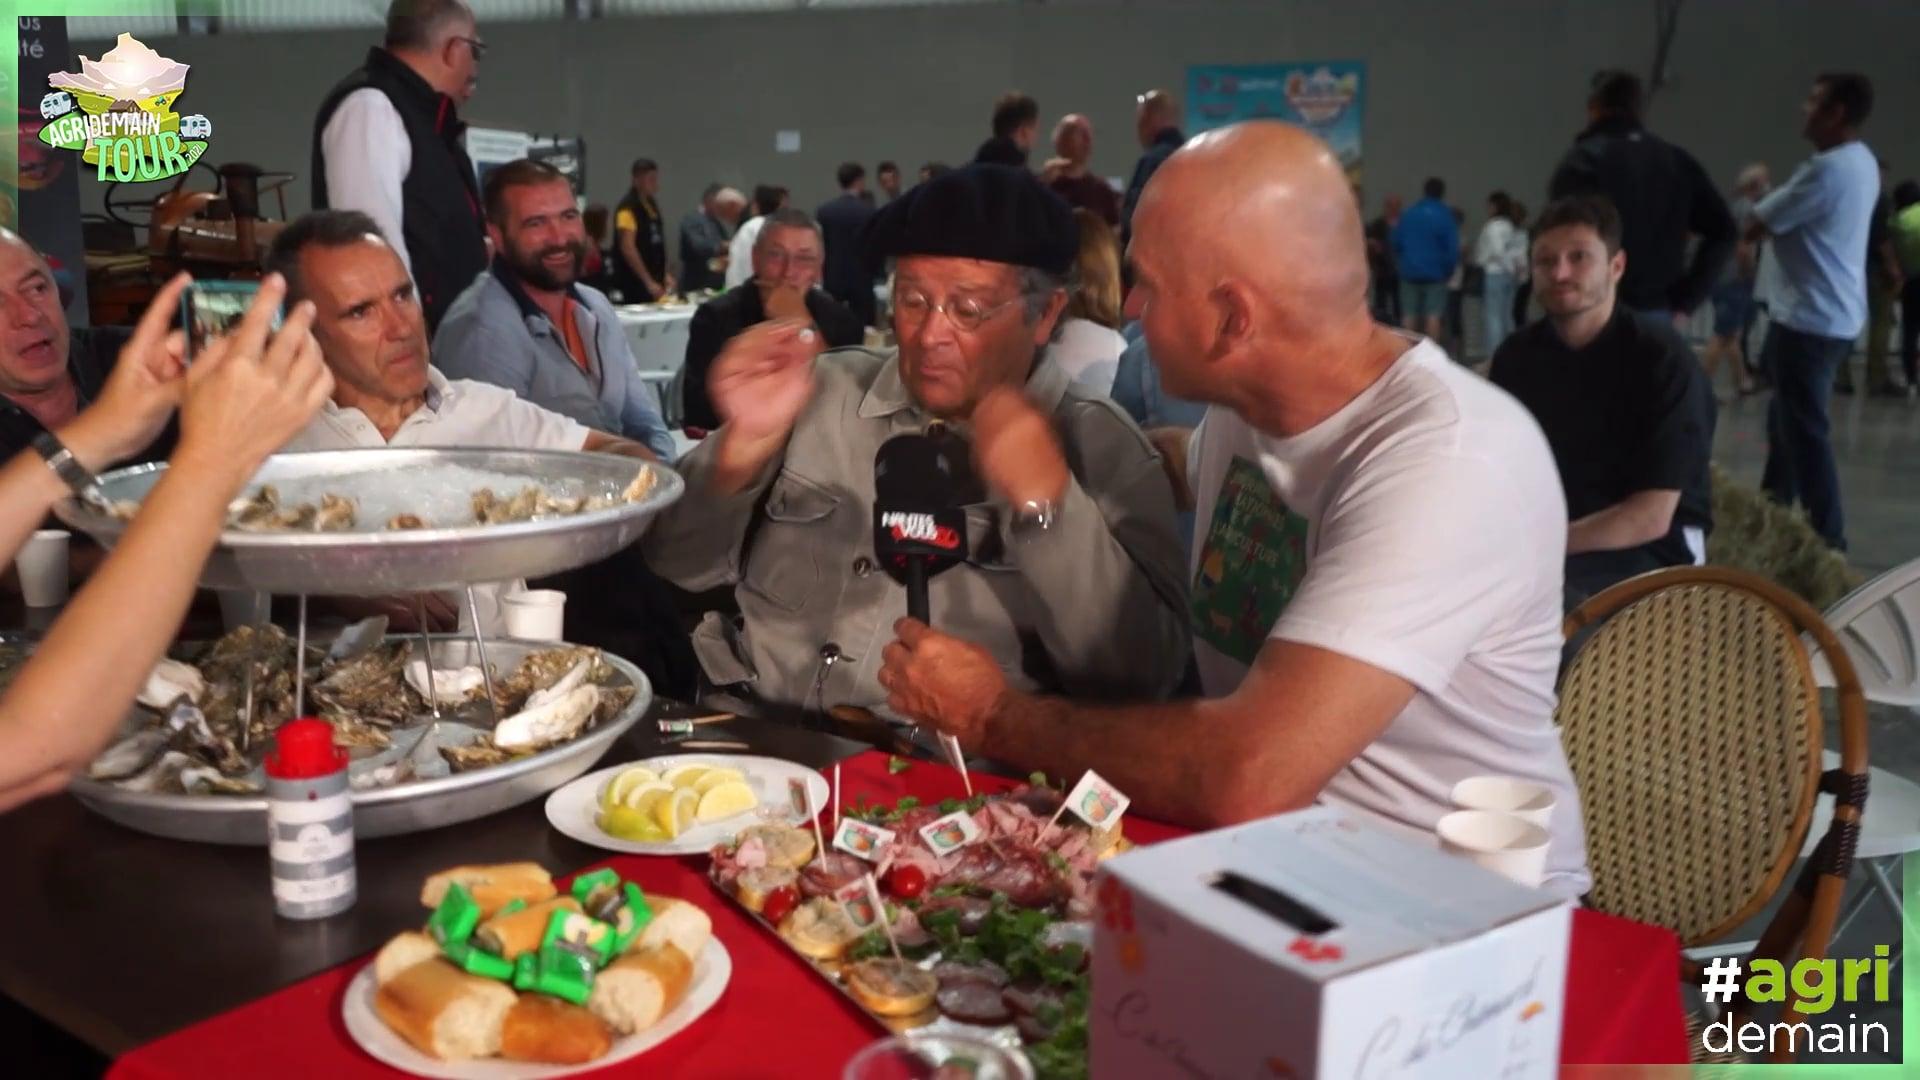 Agridemain Tour 2021 - Serge Maret comédien.mp4